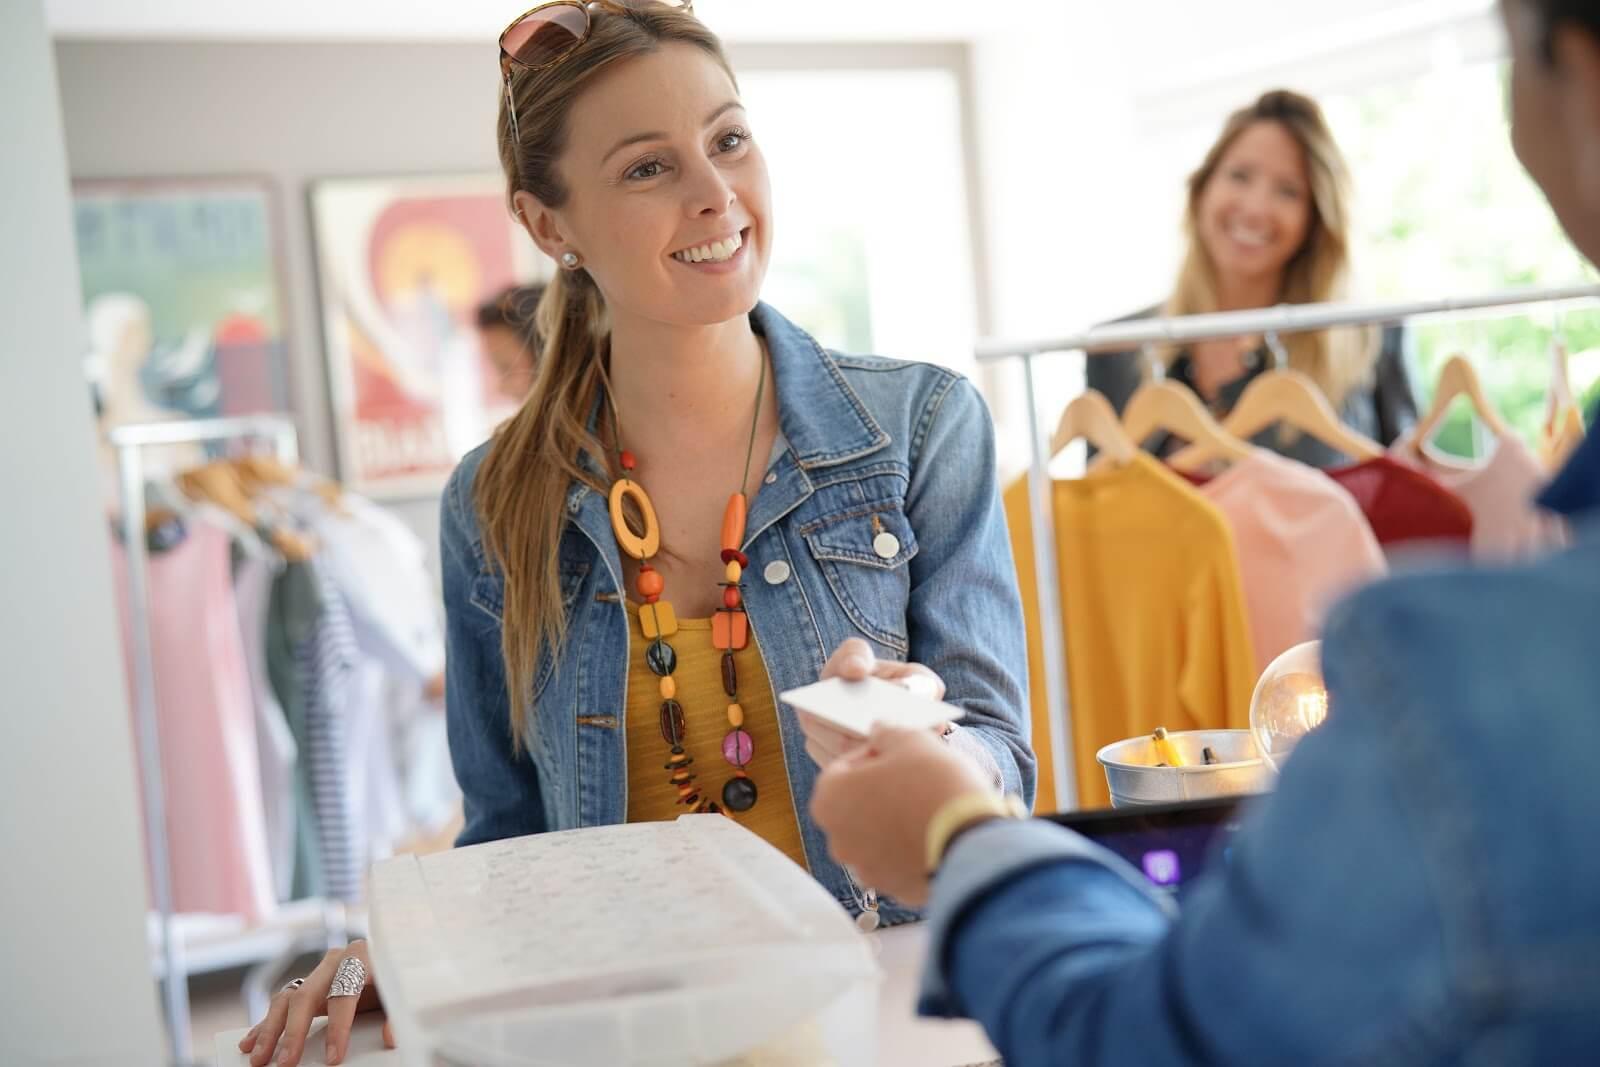 Vendedor atendendo uma mulher no caixa da loja de calçados.